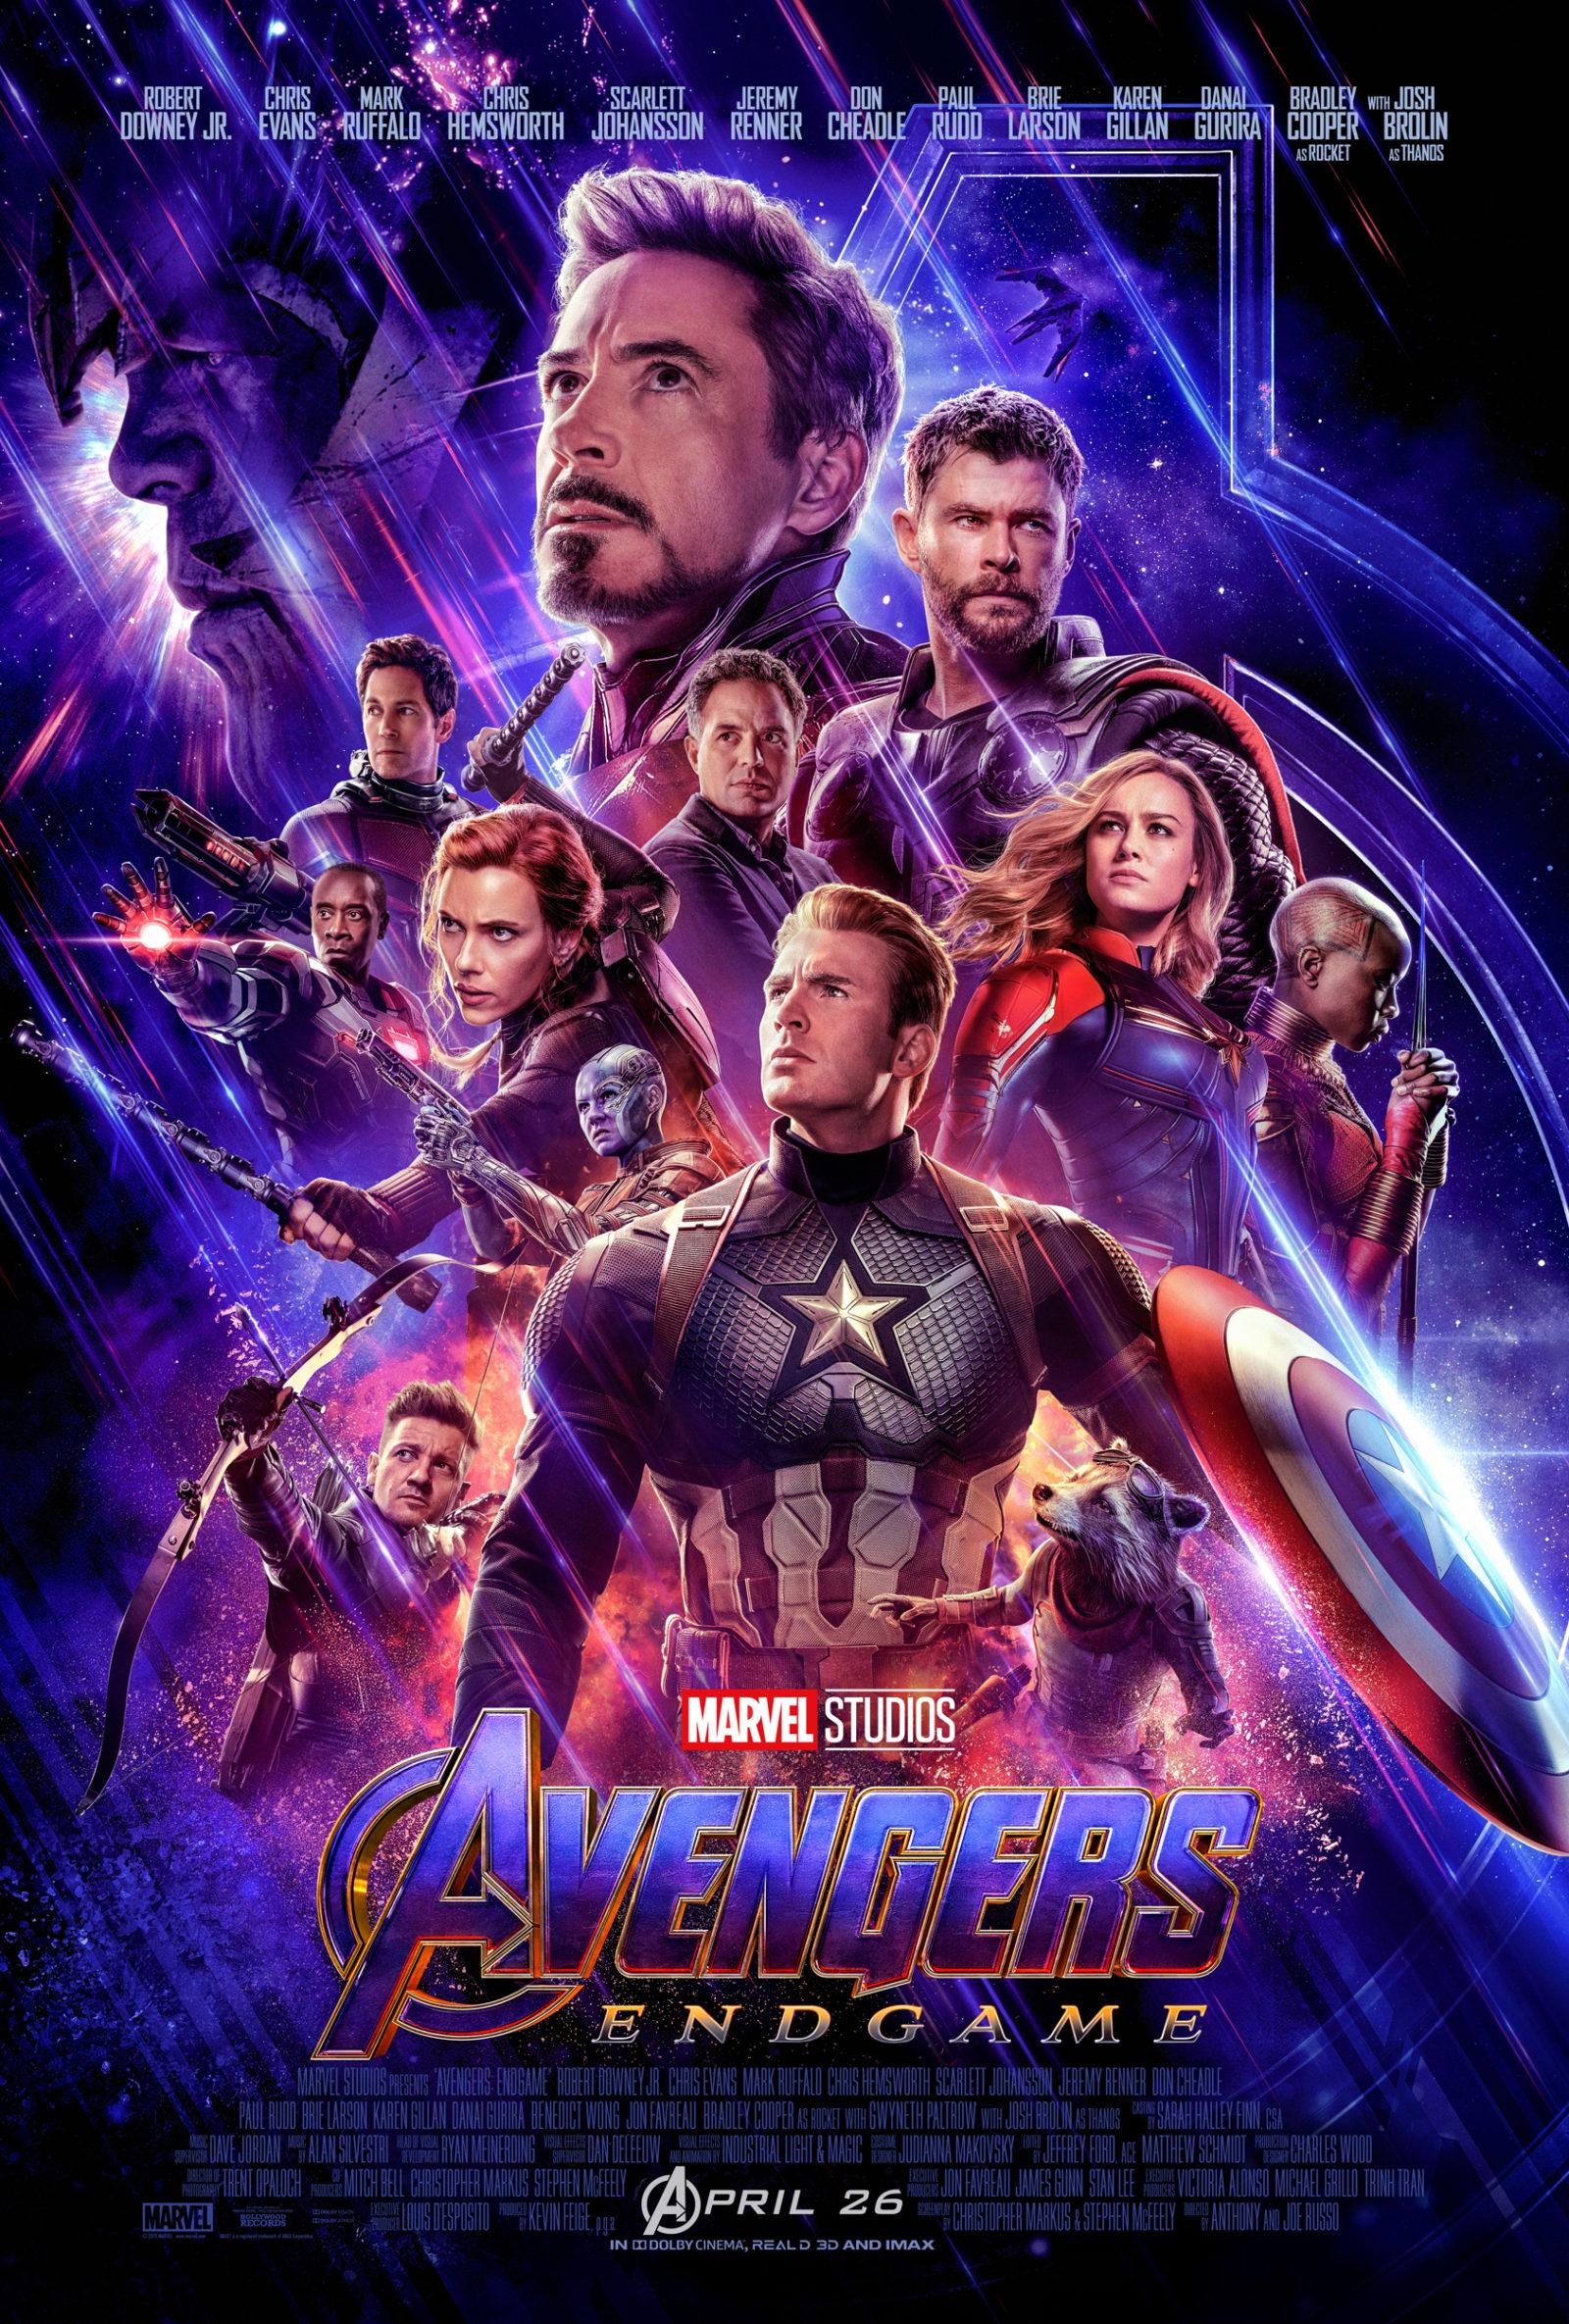 Avengers Endgame - Poster